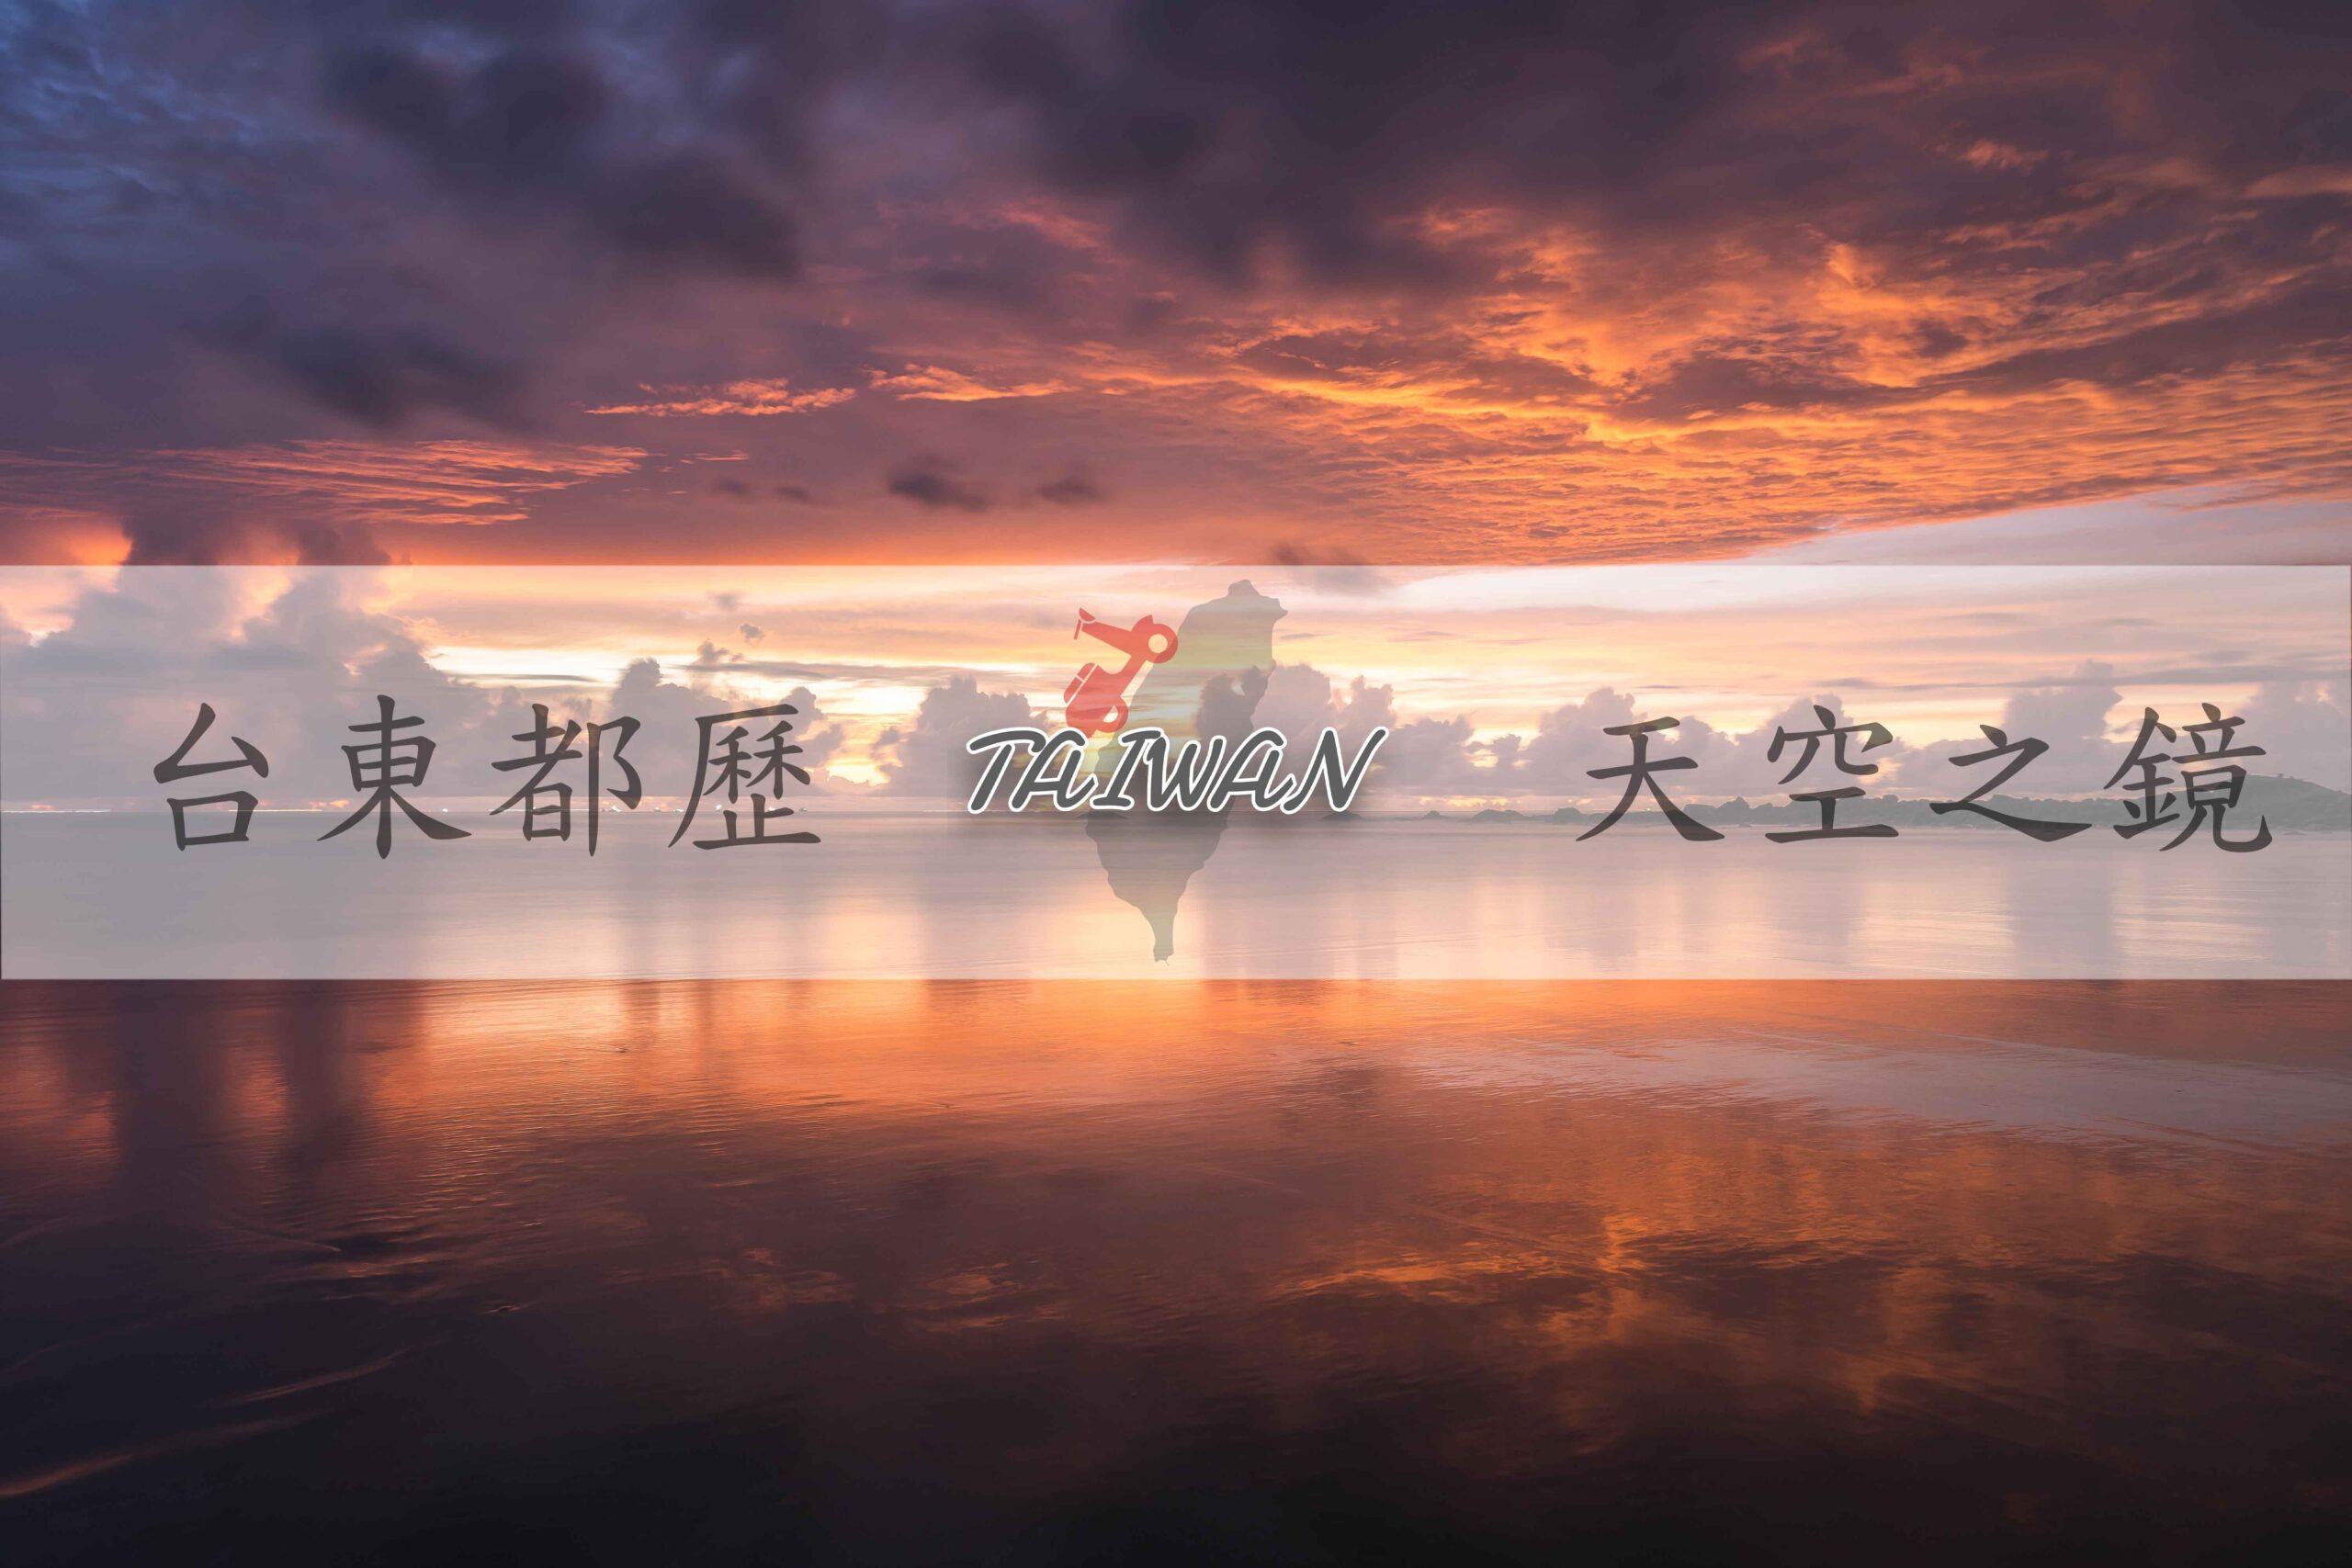 『台東成功景點』東海岸天空之鏡|夢幻景點,都歷海灘,潮汐時間.交通停車.注意事項